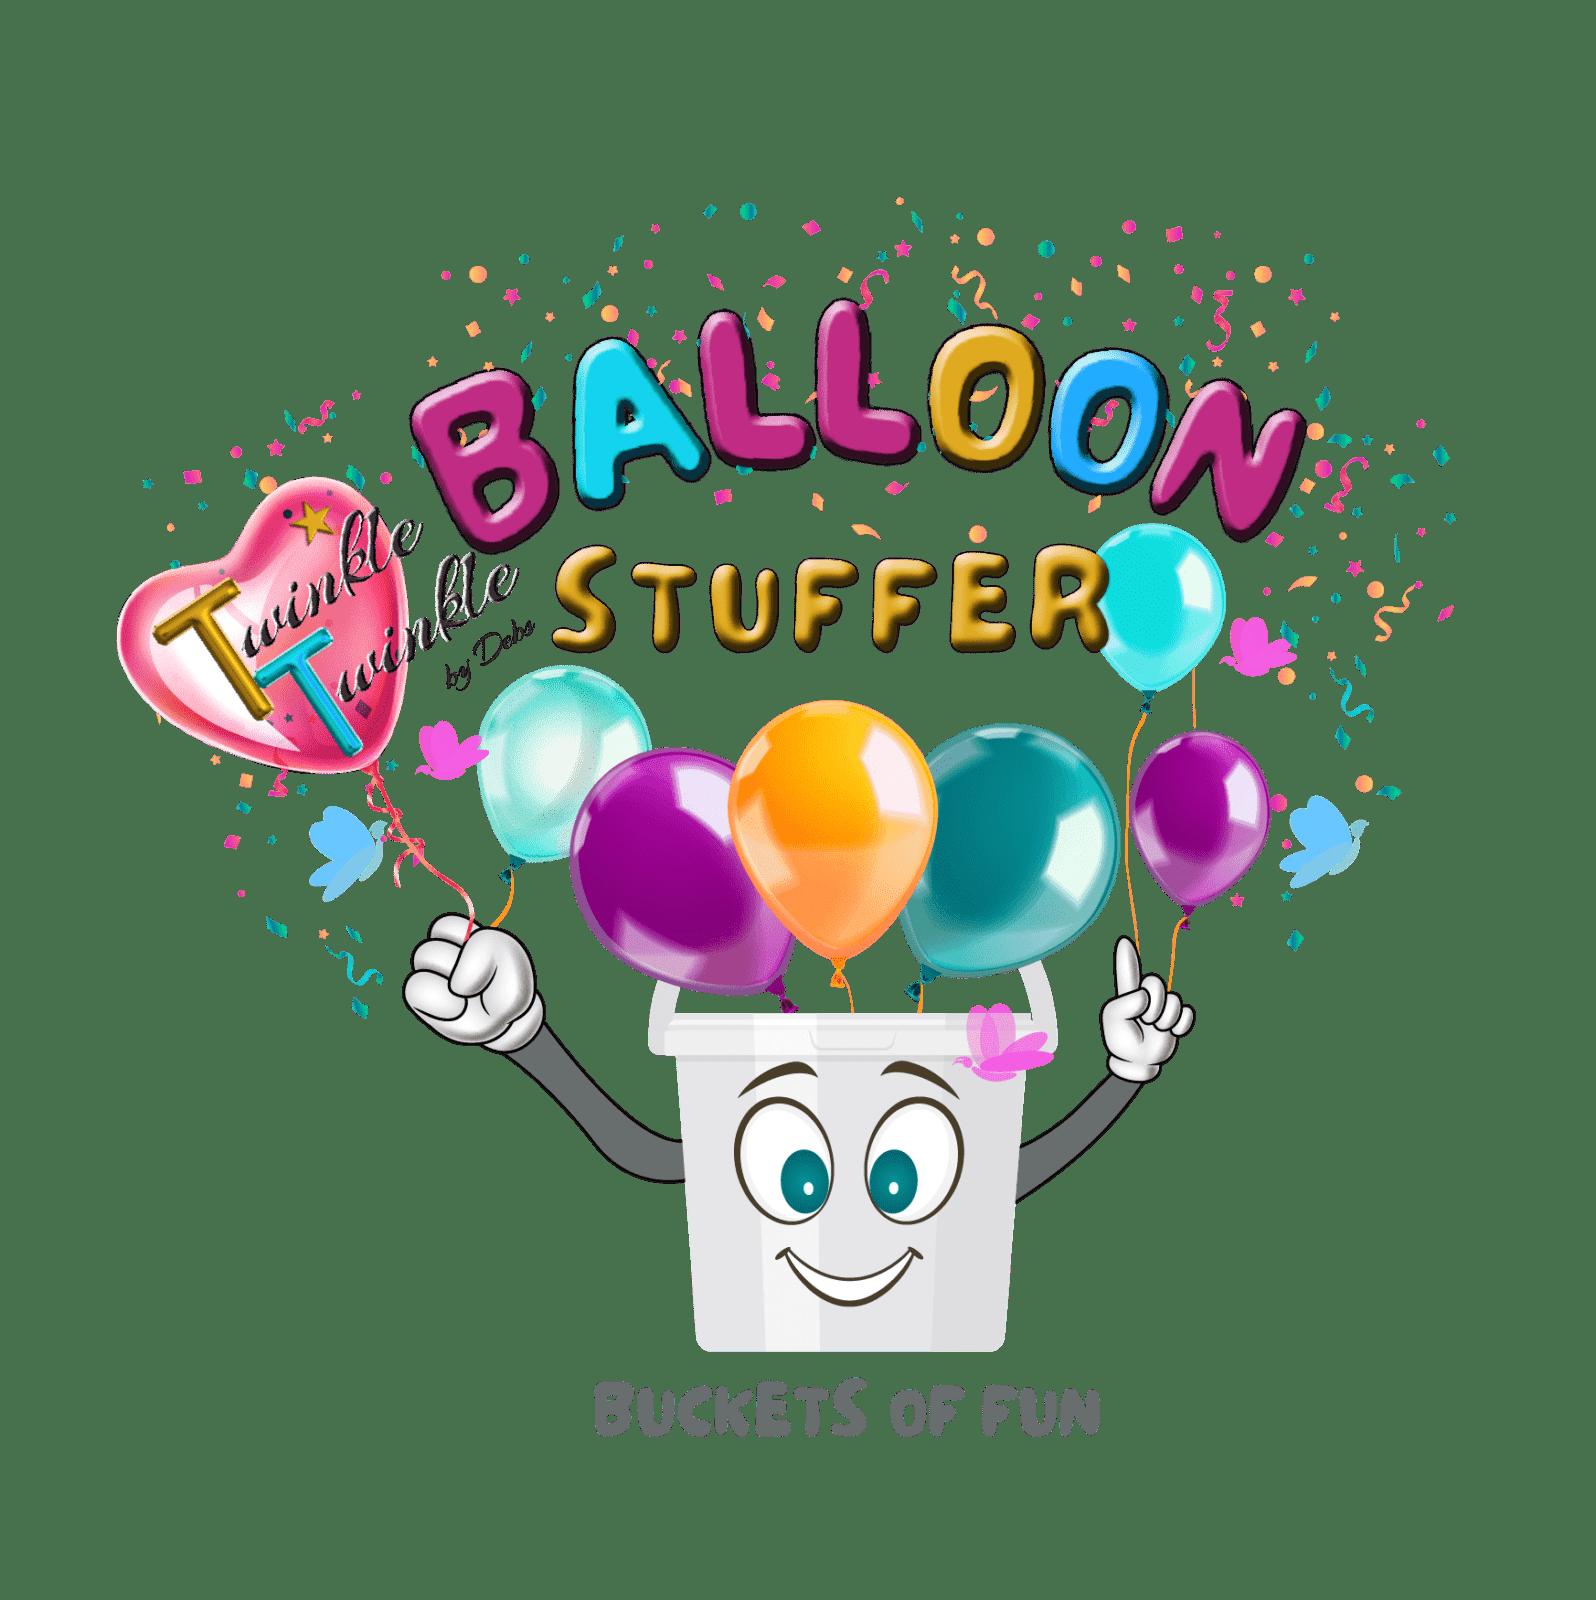 ttcballoonbuckets